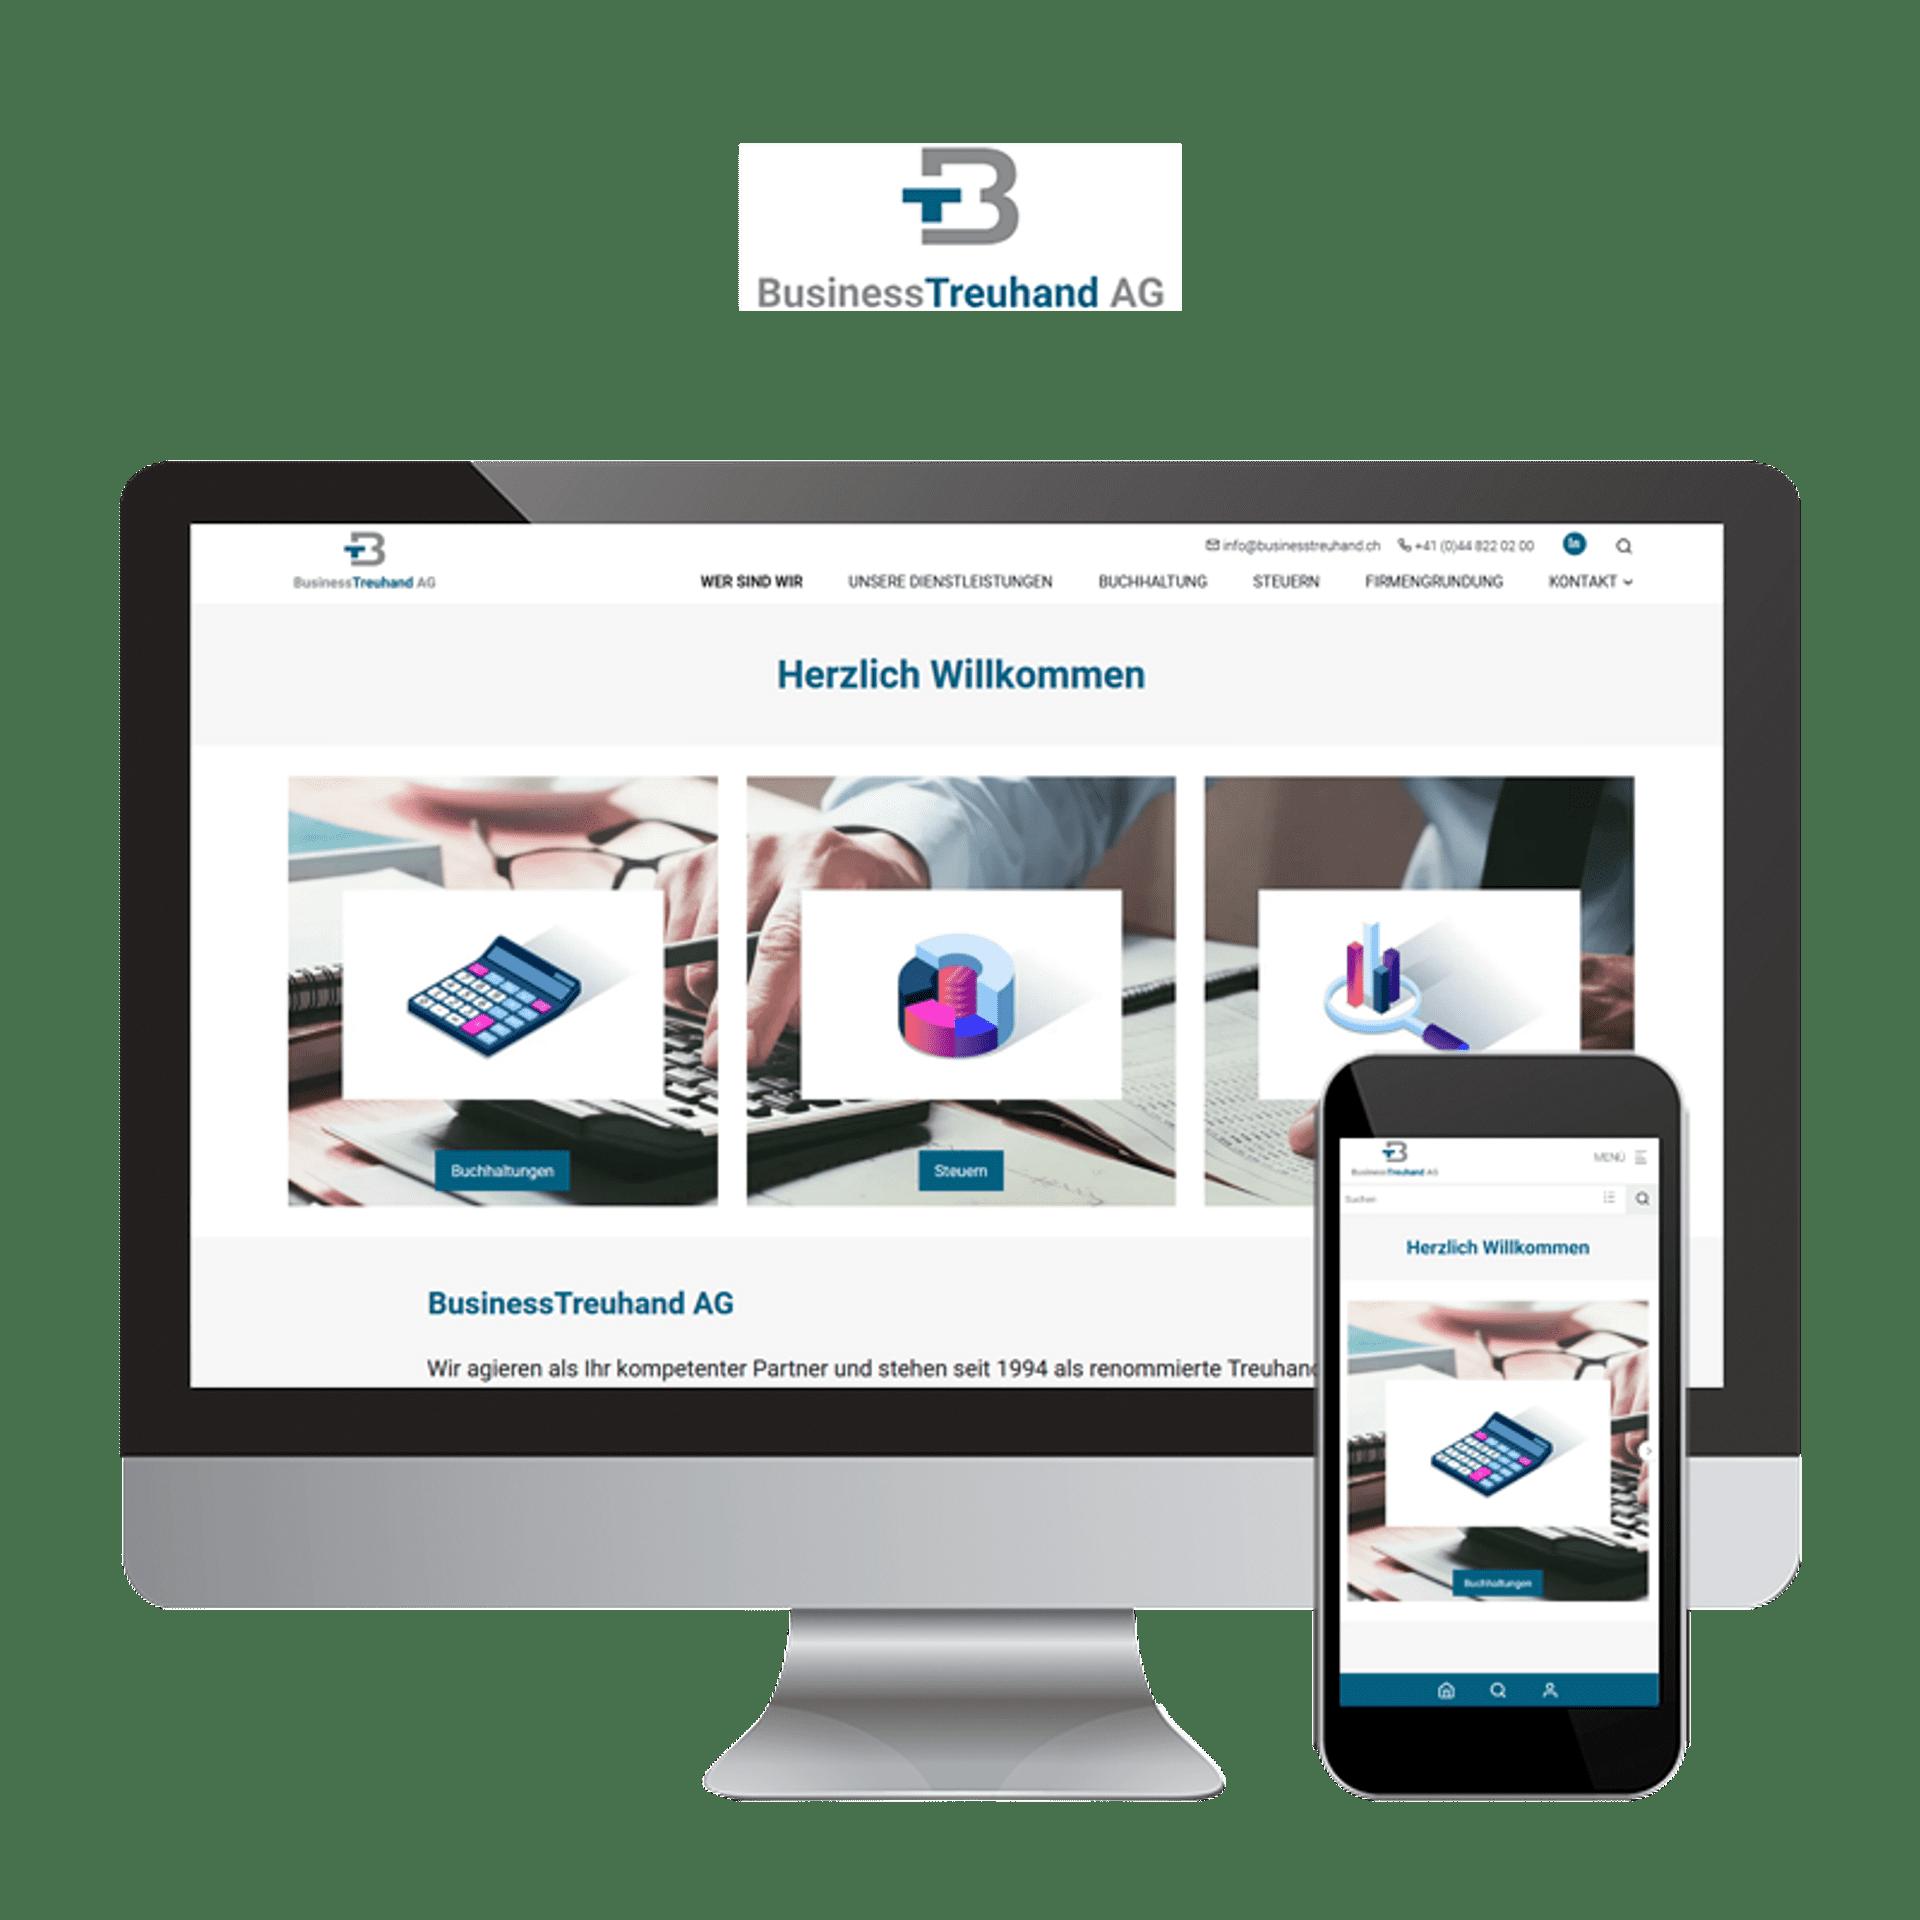 BusinessTreuhand AG